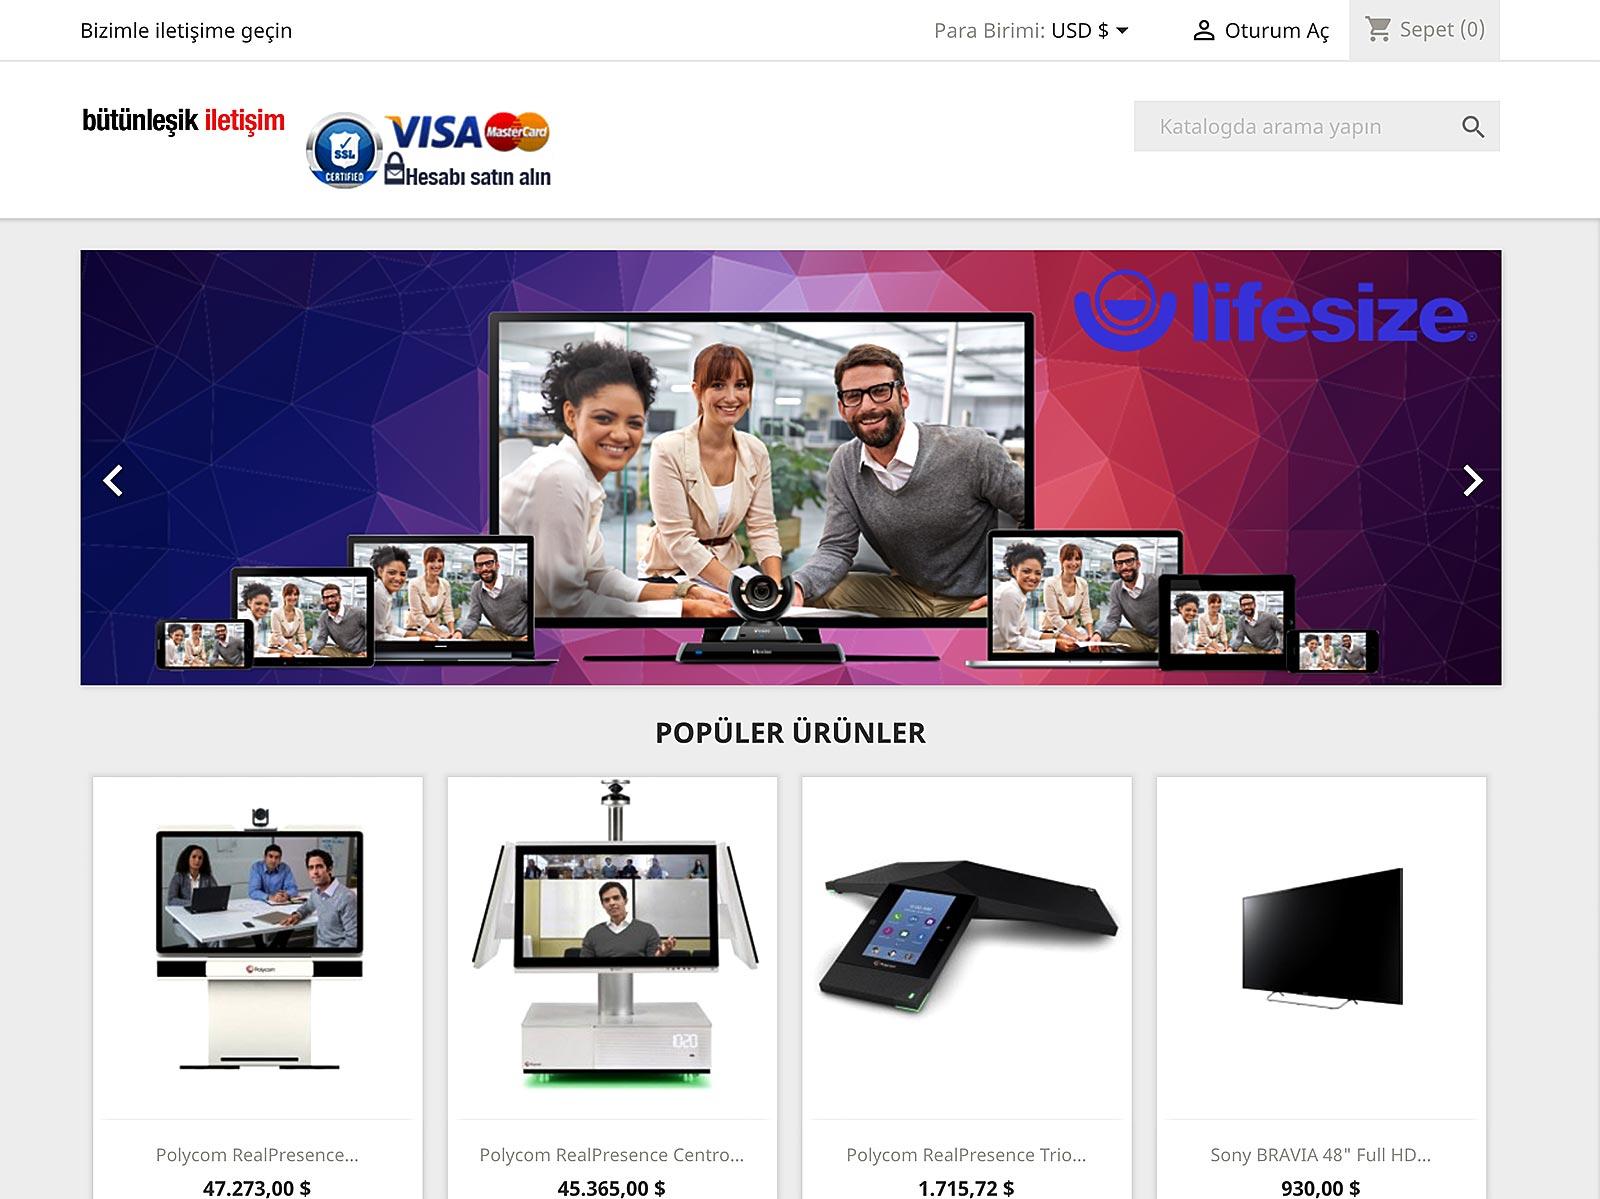 Prestashop-Optimierung und Google Adwords/Shopping für Butunlesikiletisim